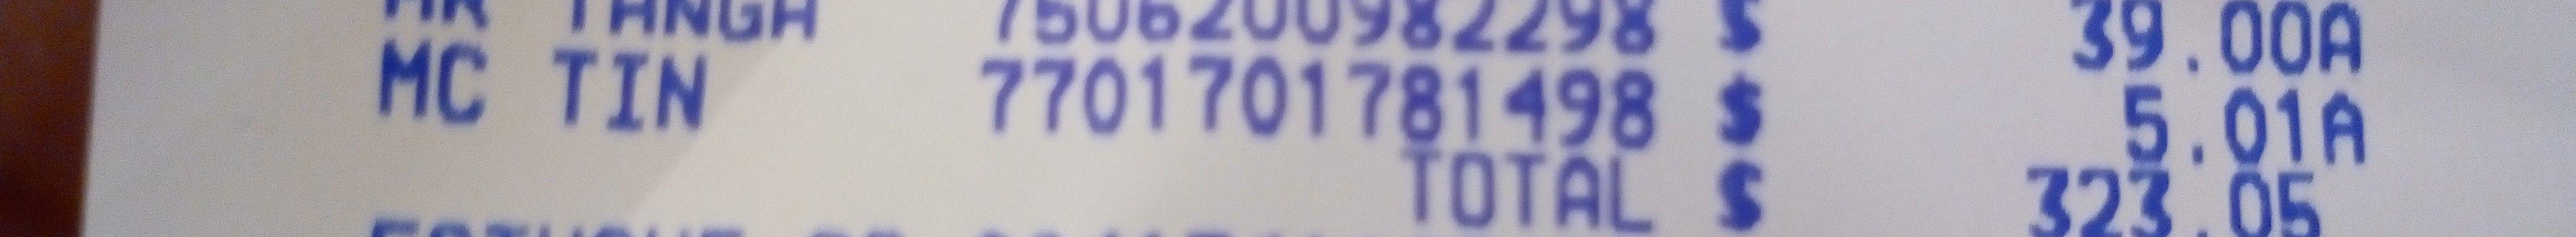 172135.jpg